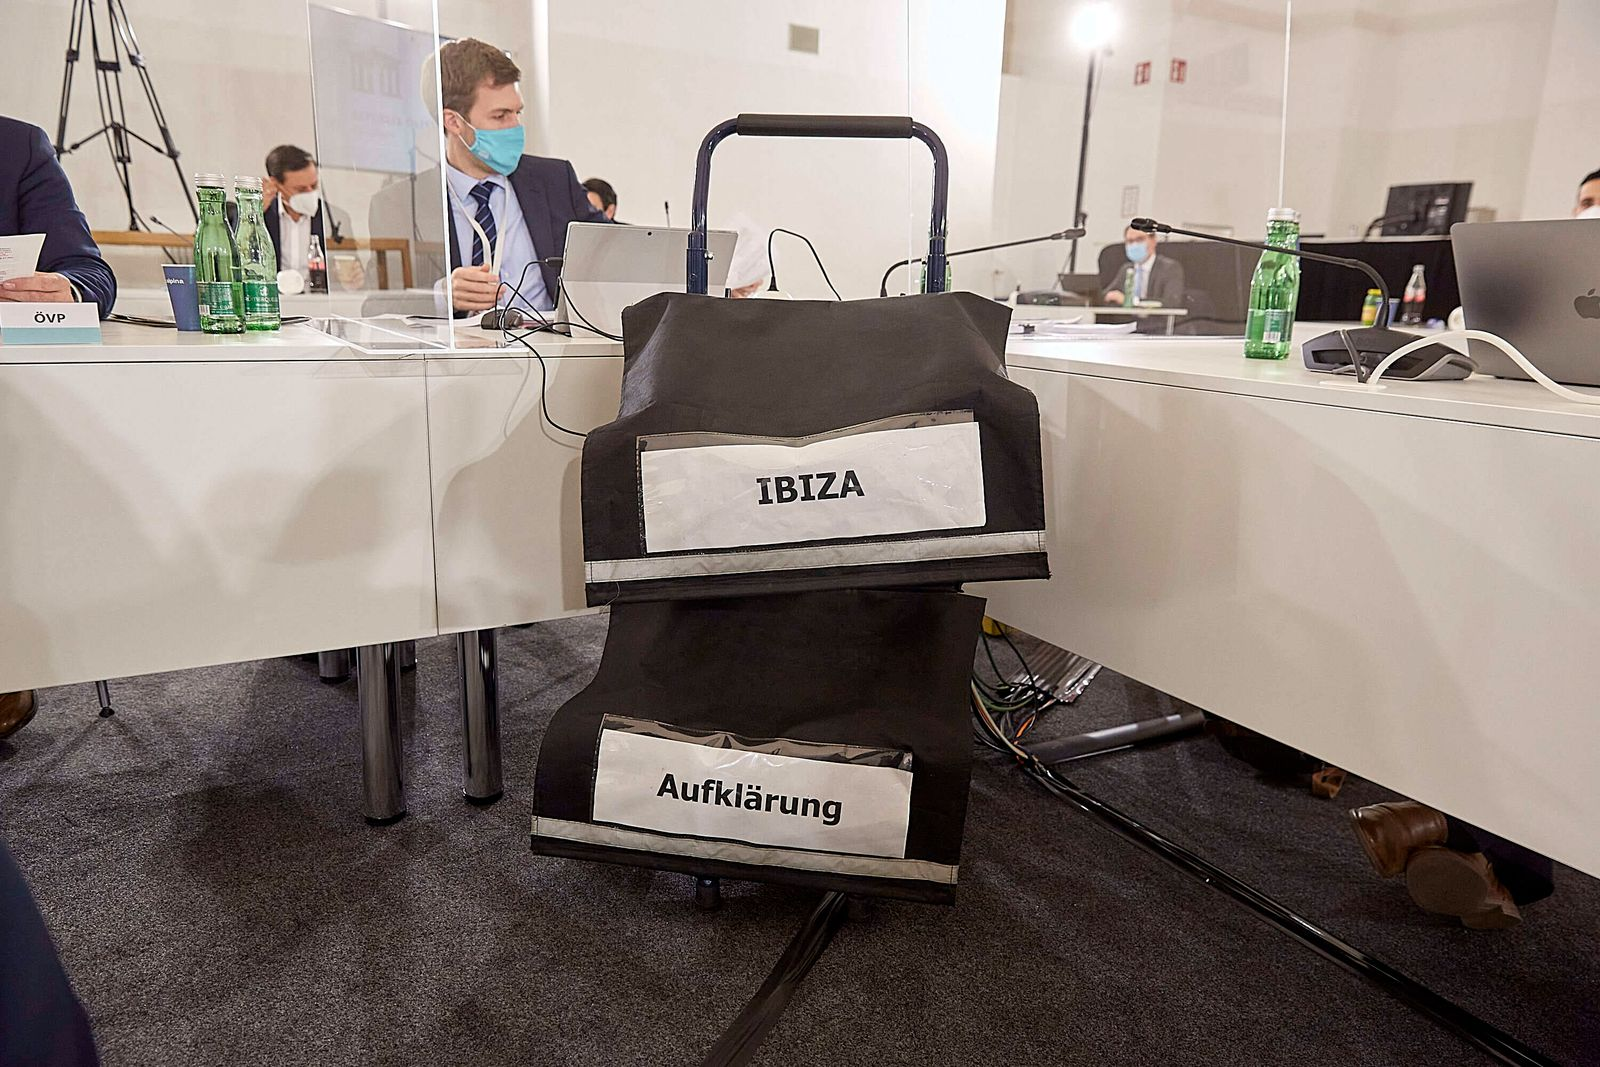 - Wien 02.12.2020 - Heute wurde im Parlament der Untersuchungsausschuss zur Ibiza-Affäre fortgestzt. Das Ibiza-Video fü